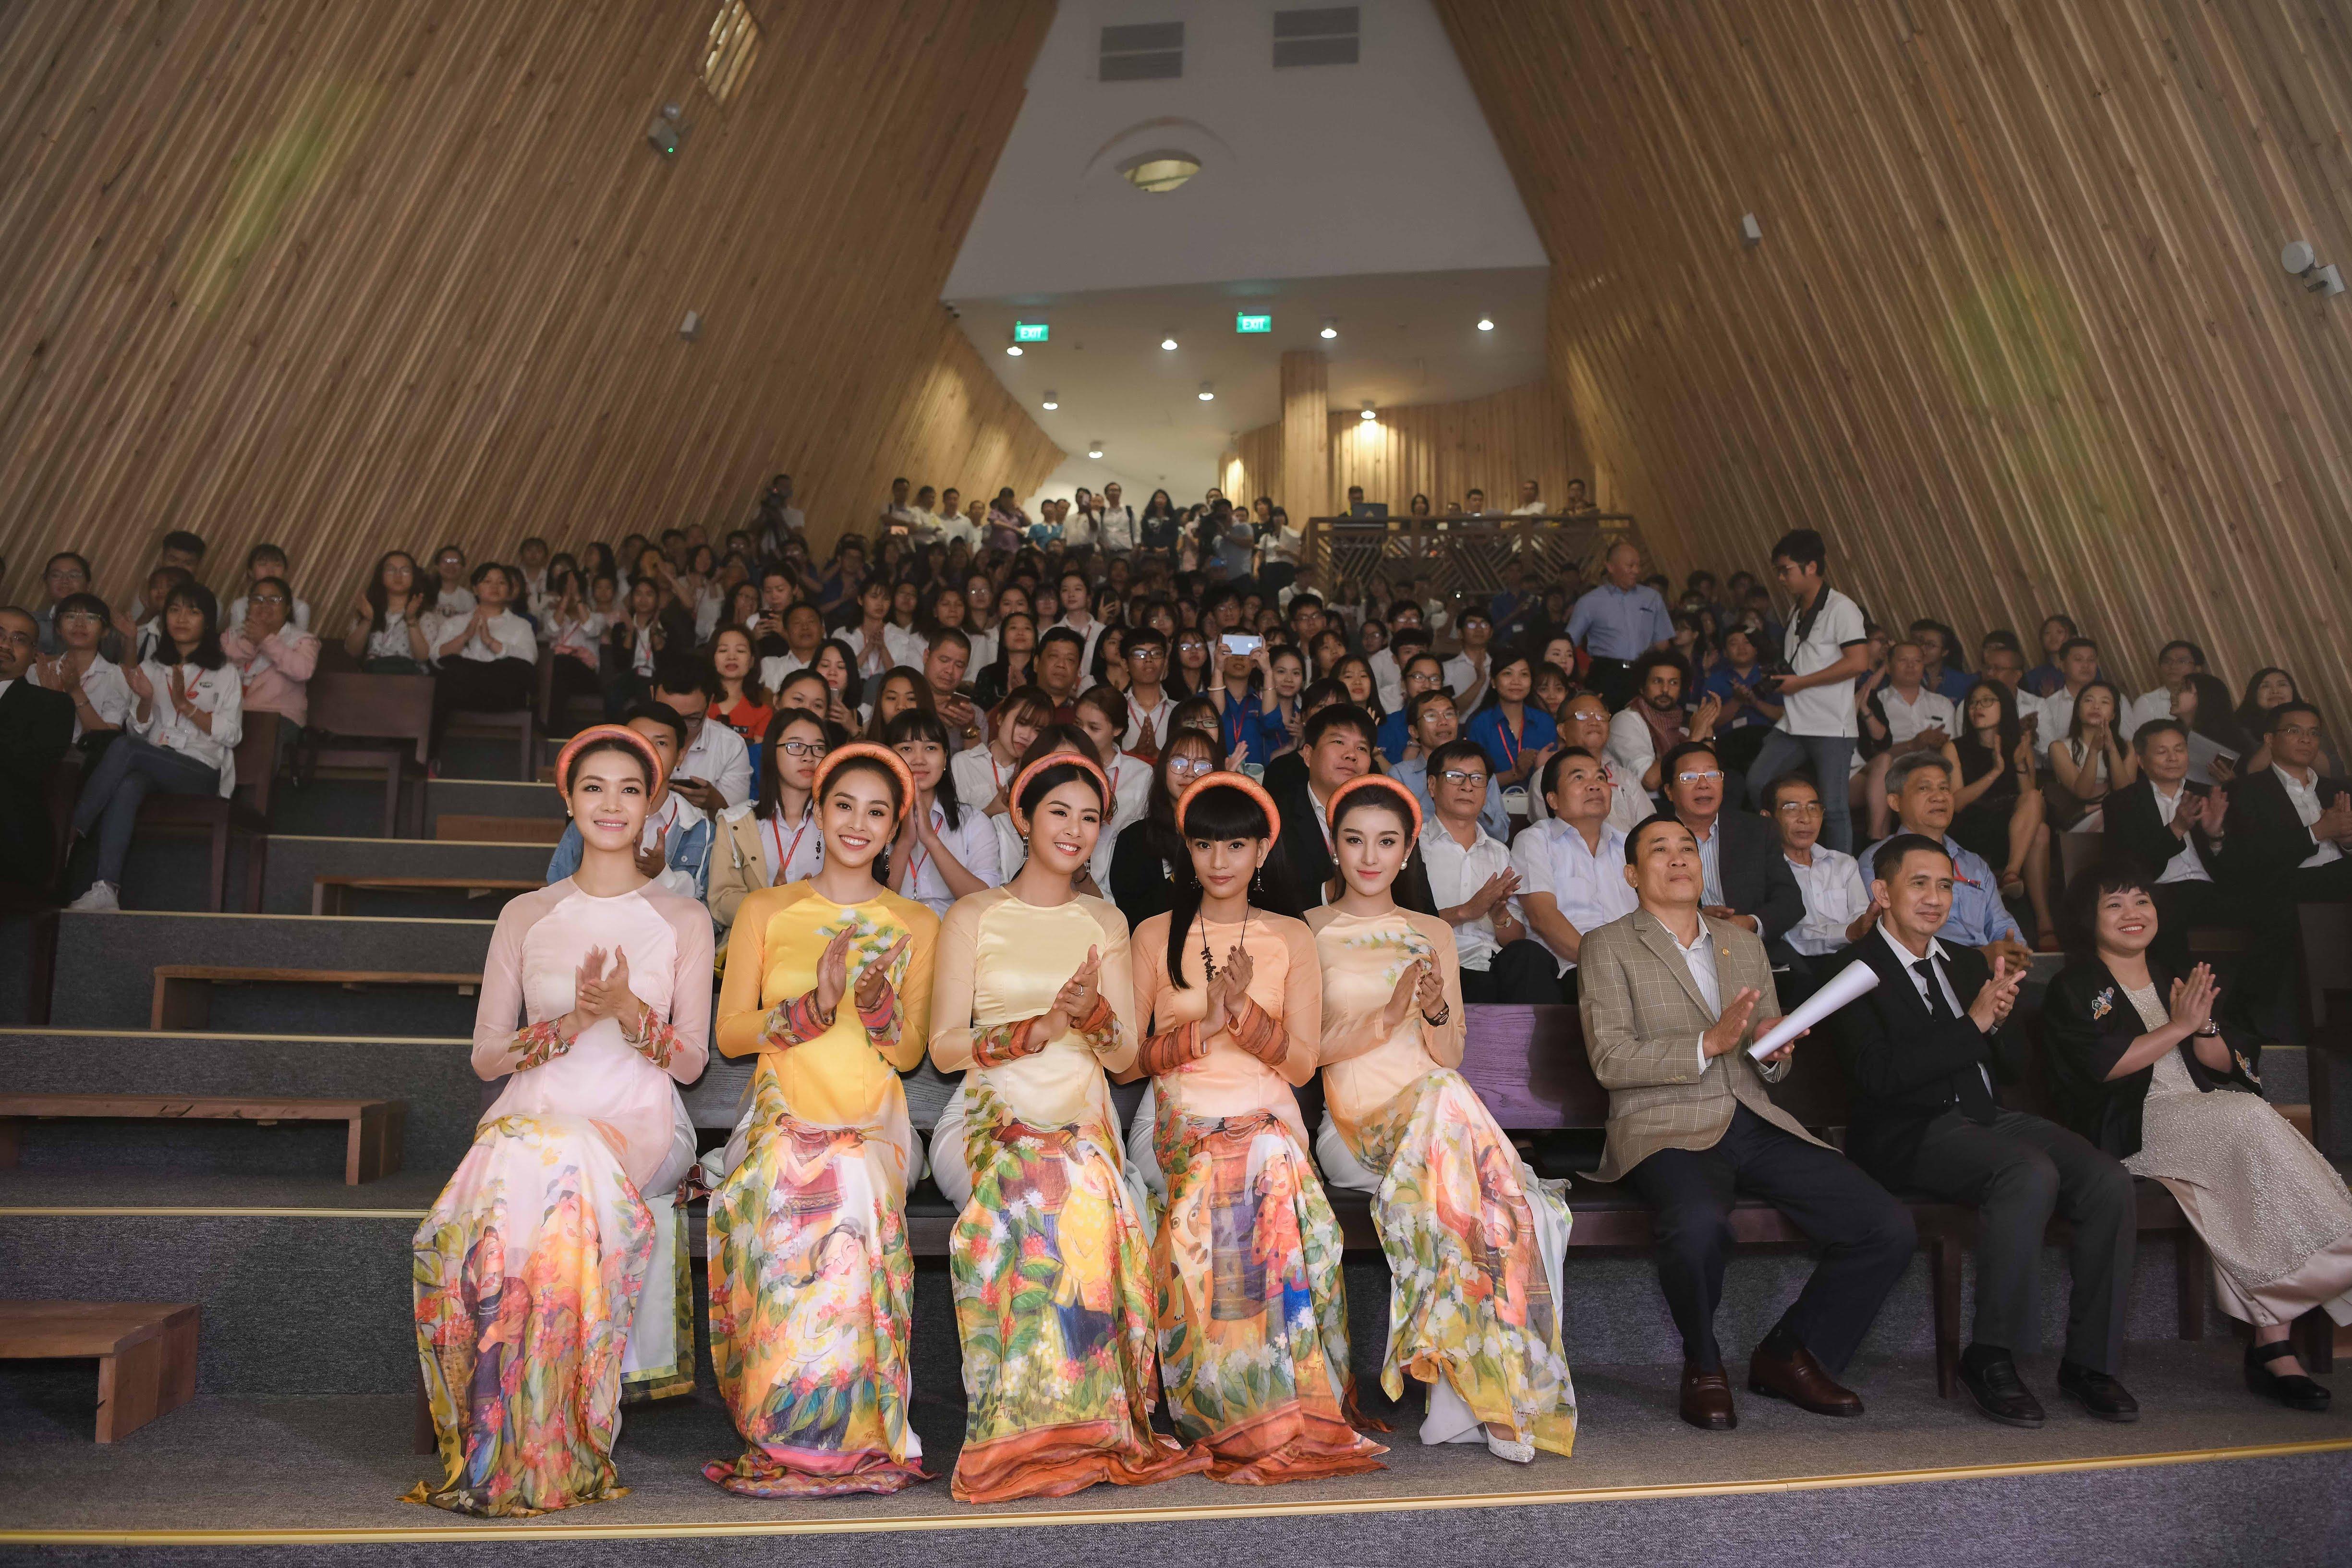 Hoa hậu Thùy Dung tái xuất, ngỡ ngàng nhan sắc sau 10 năm đăng quang 6